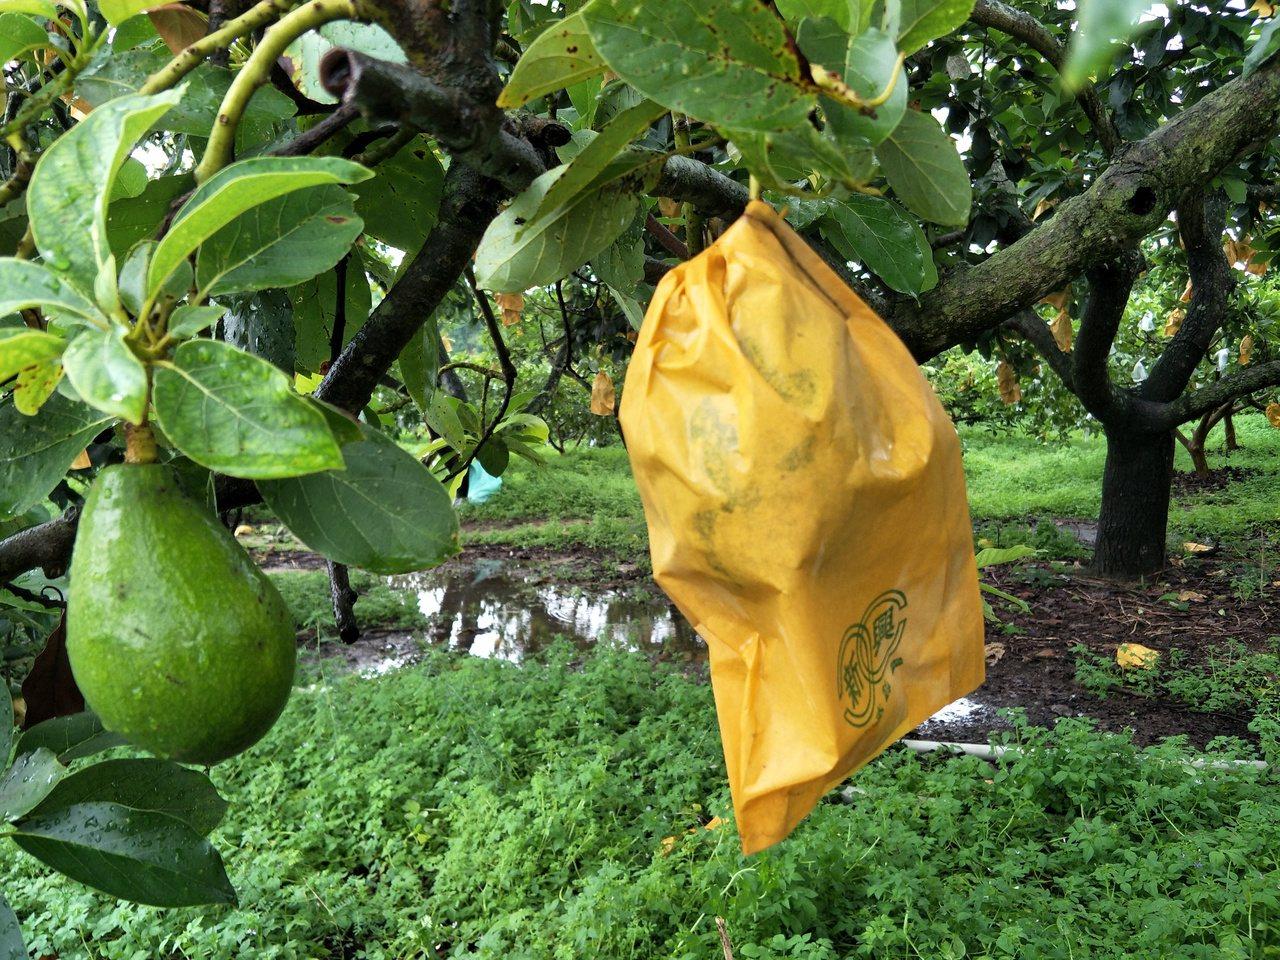 躲過尼莎及海棠颱風威脅,台南市大內區盛產的酪梨僅零星落果。記者謝進盛/攝影